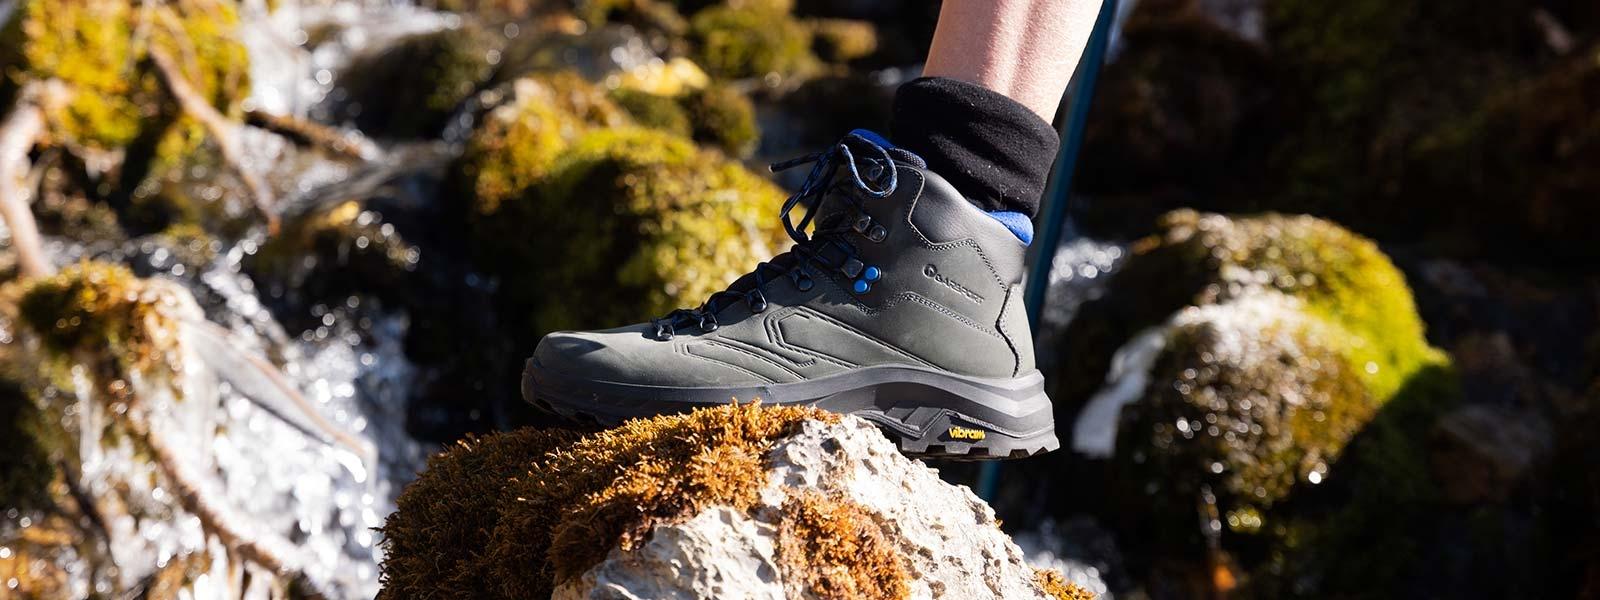 Garsport Trekking Hiking - scarponi trekking waterproof e suola vibram